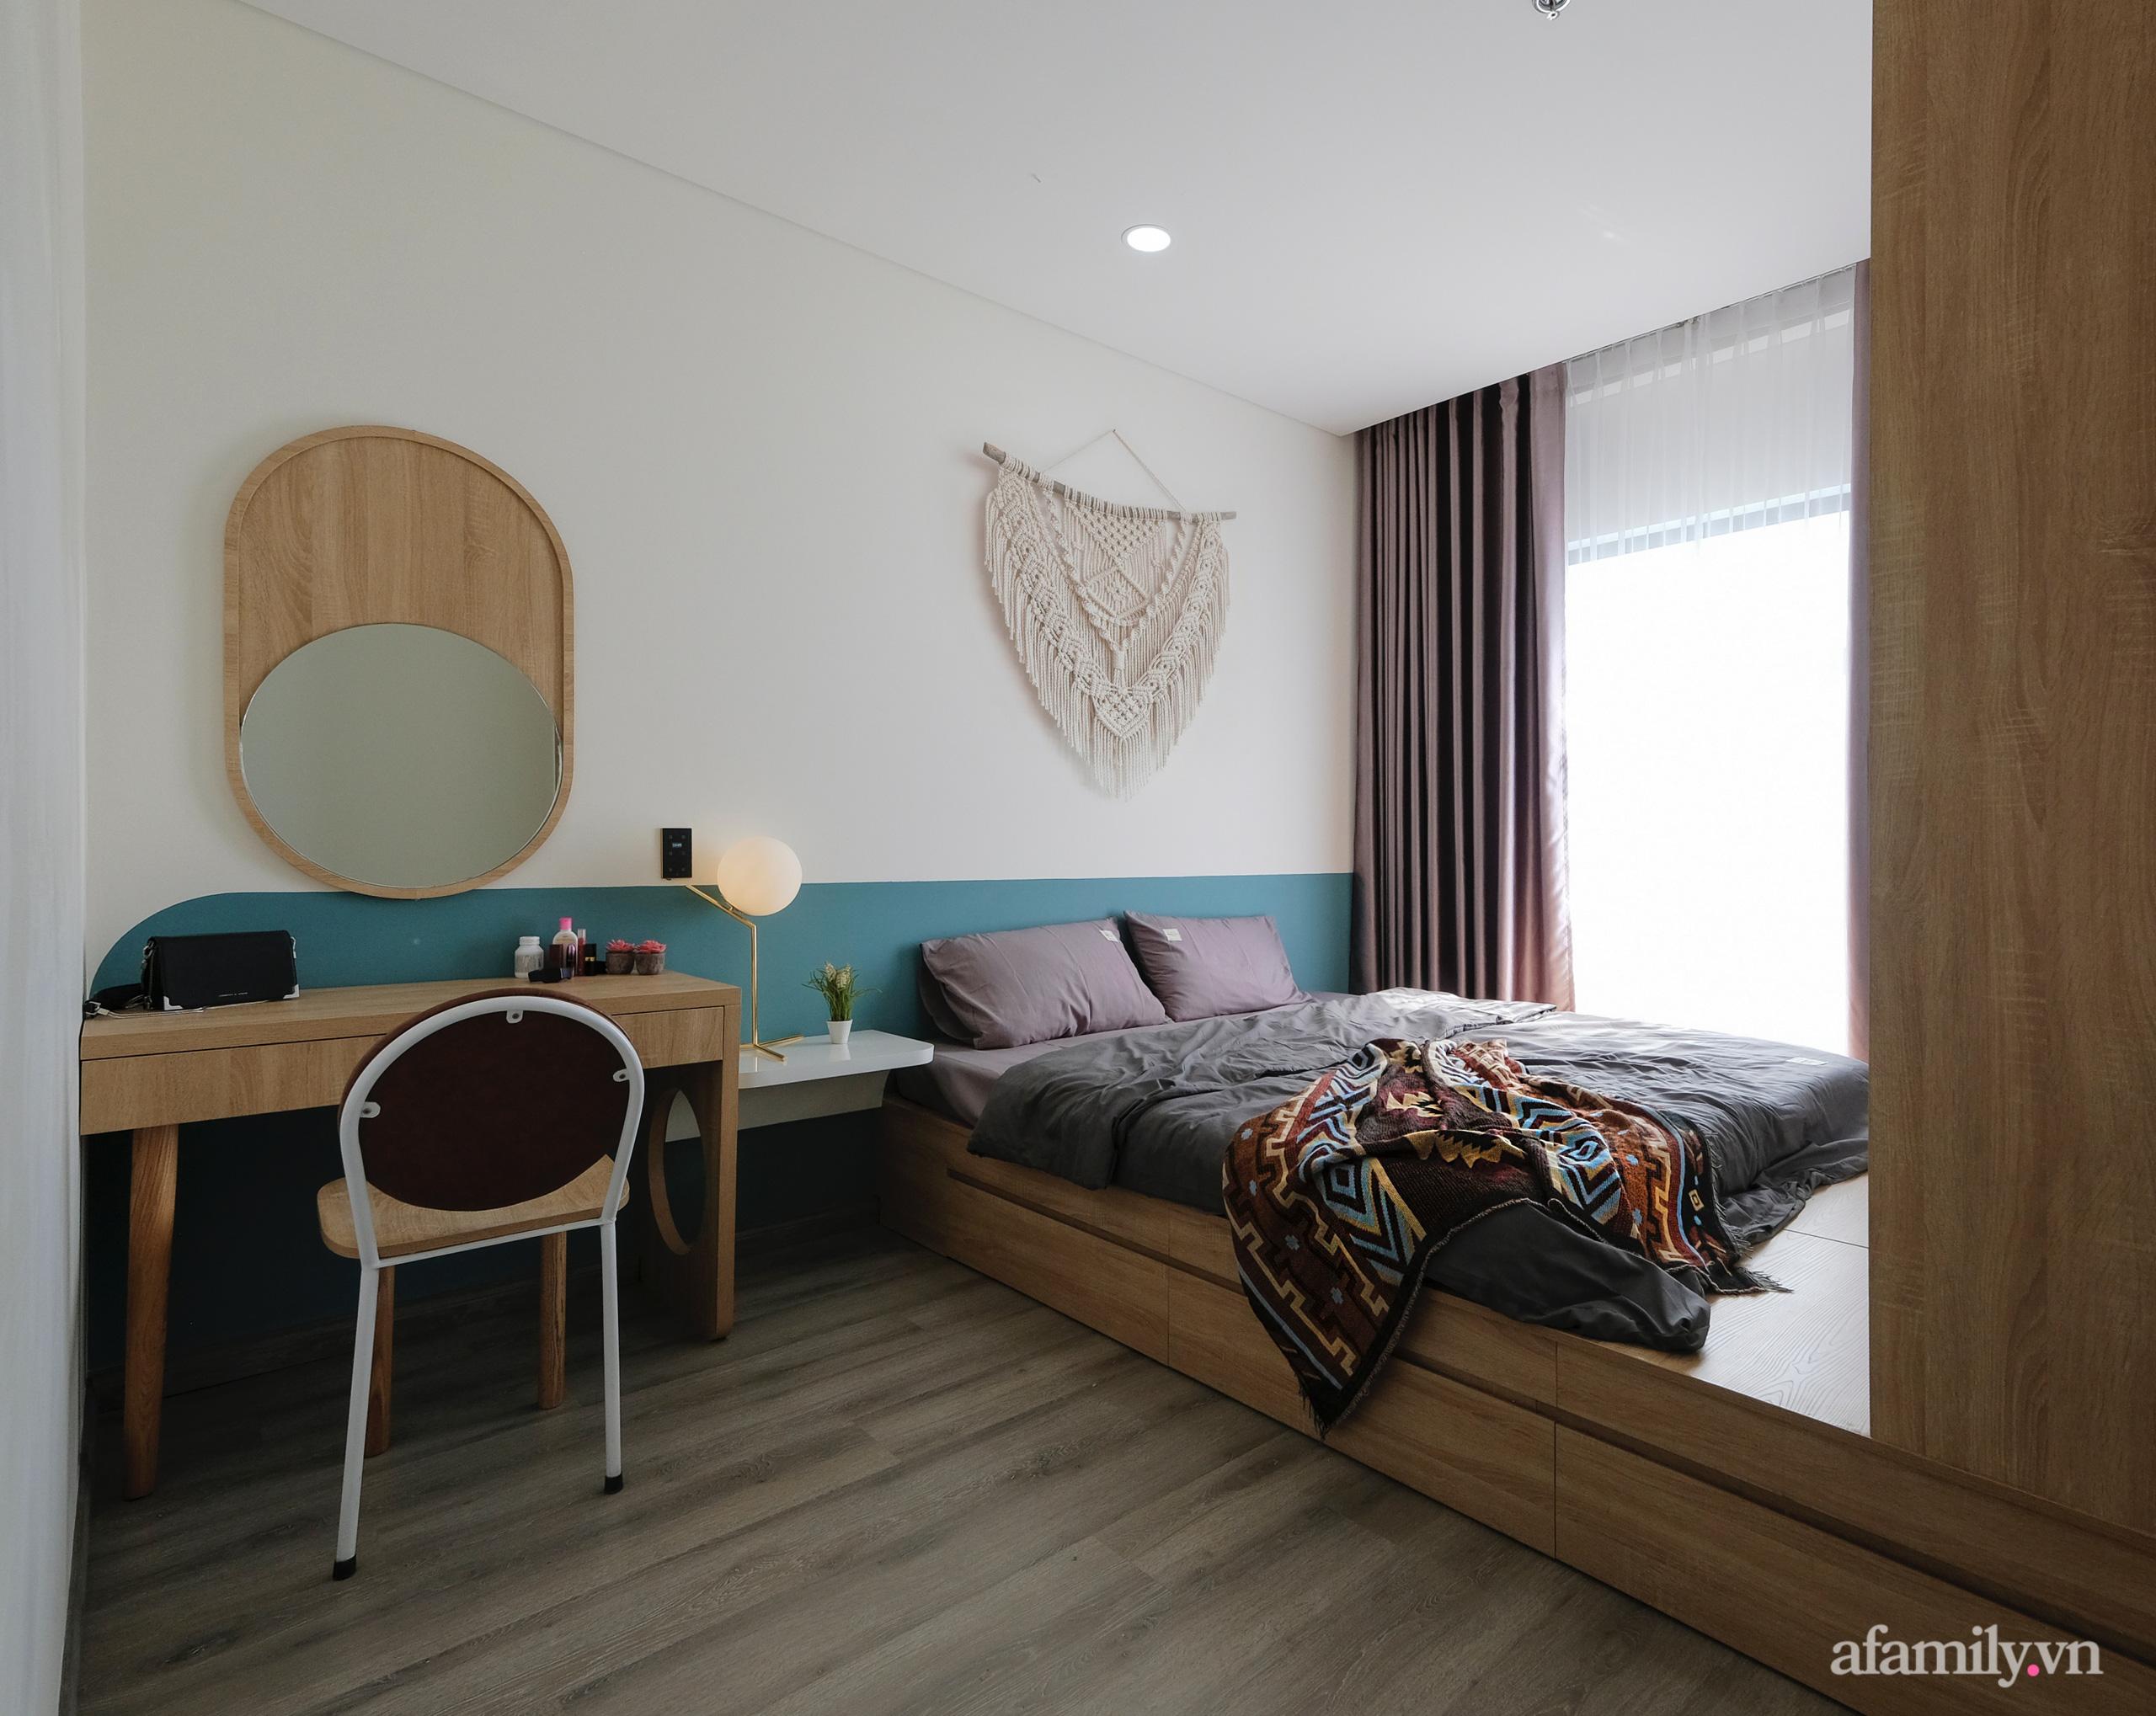 Căn hộ 75m² view sông Hàn đắt giá nhưng được thiết kế nội thất bình dị, ấm áp có chi phí 78 triệu đồng ở TP Đà Nẵng - Ảnh 15.